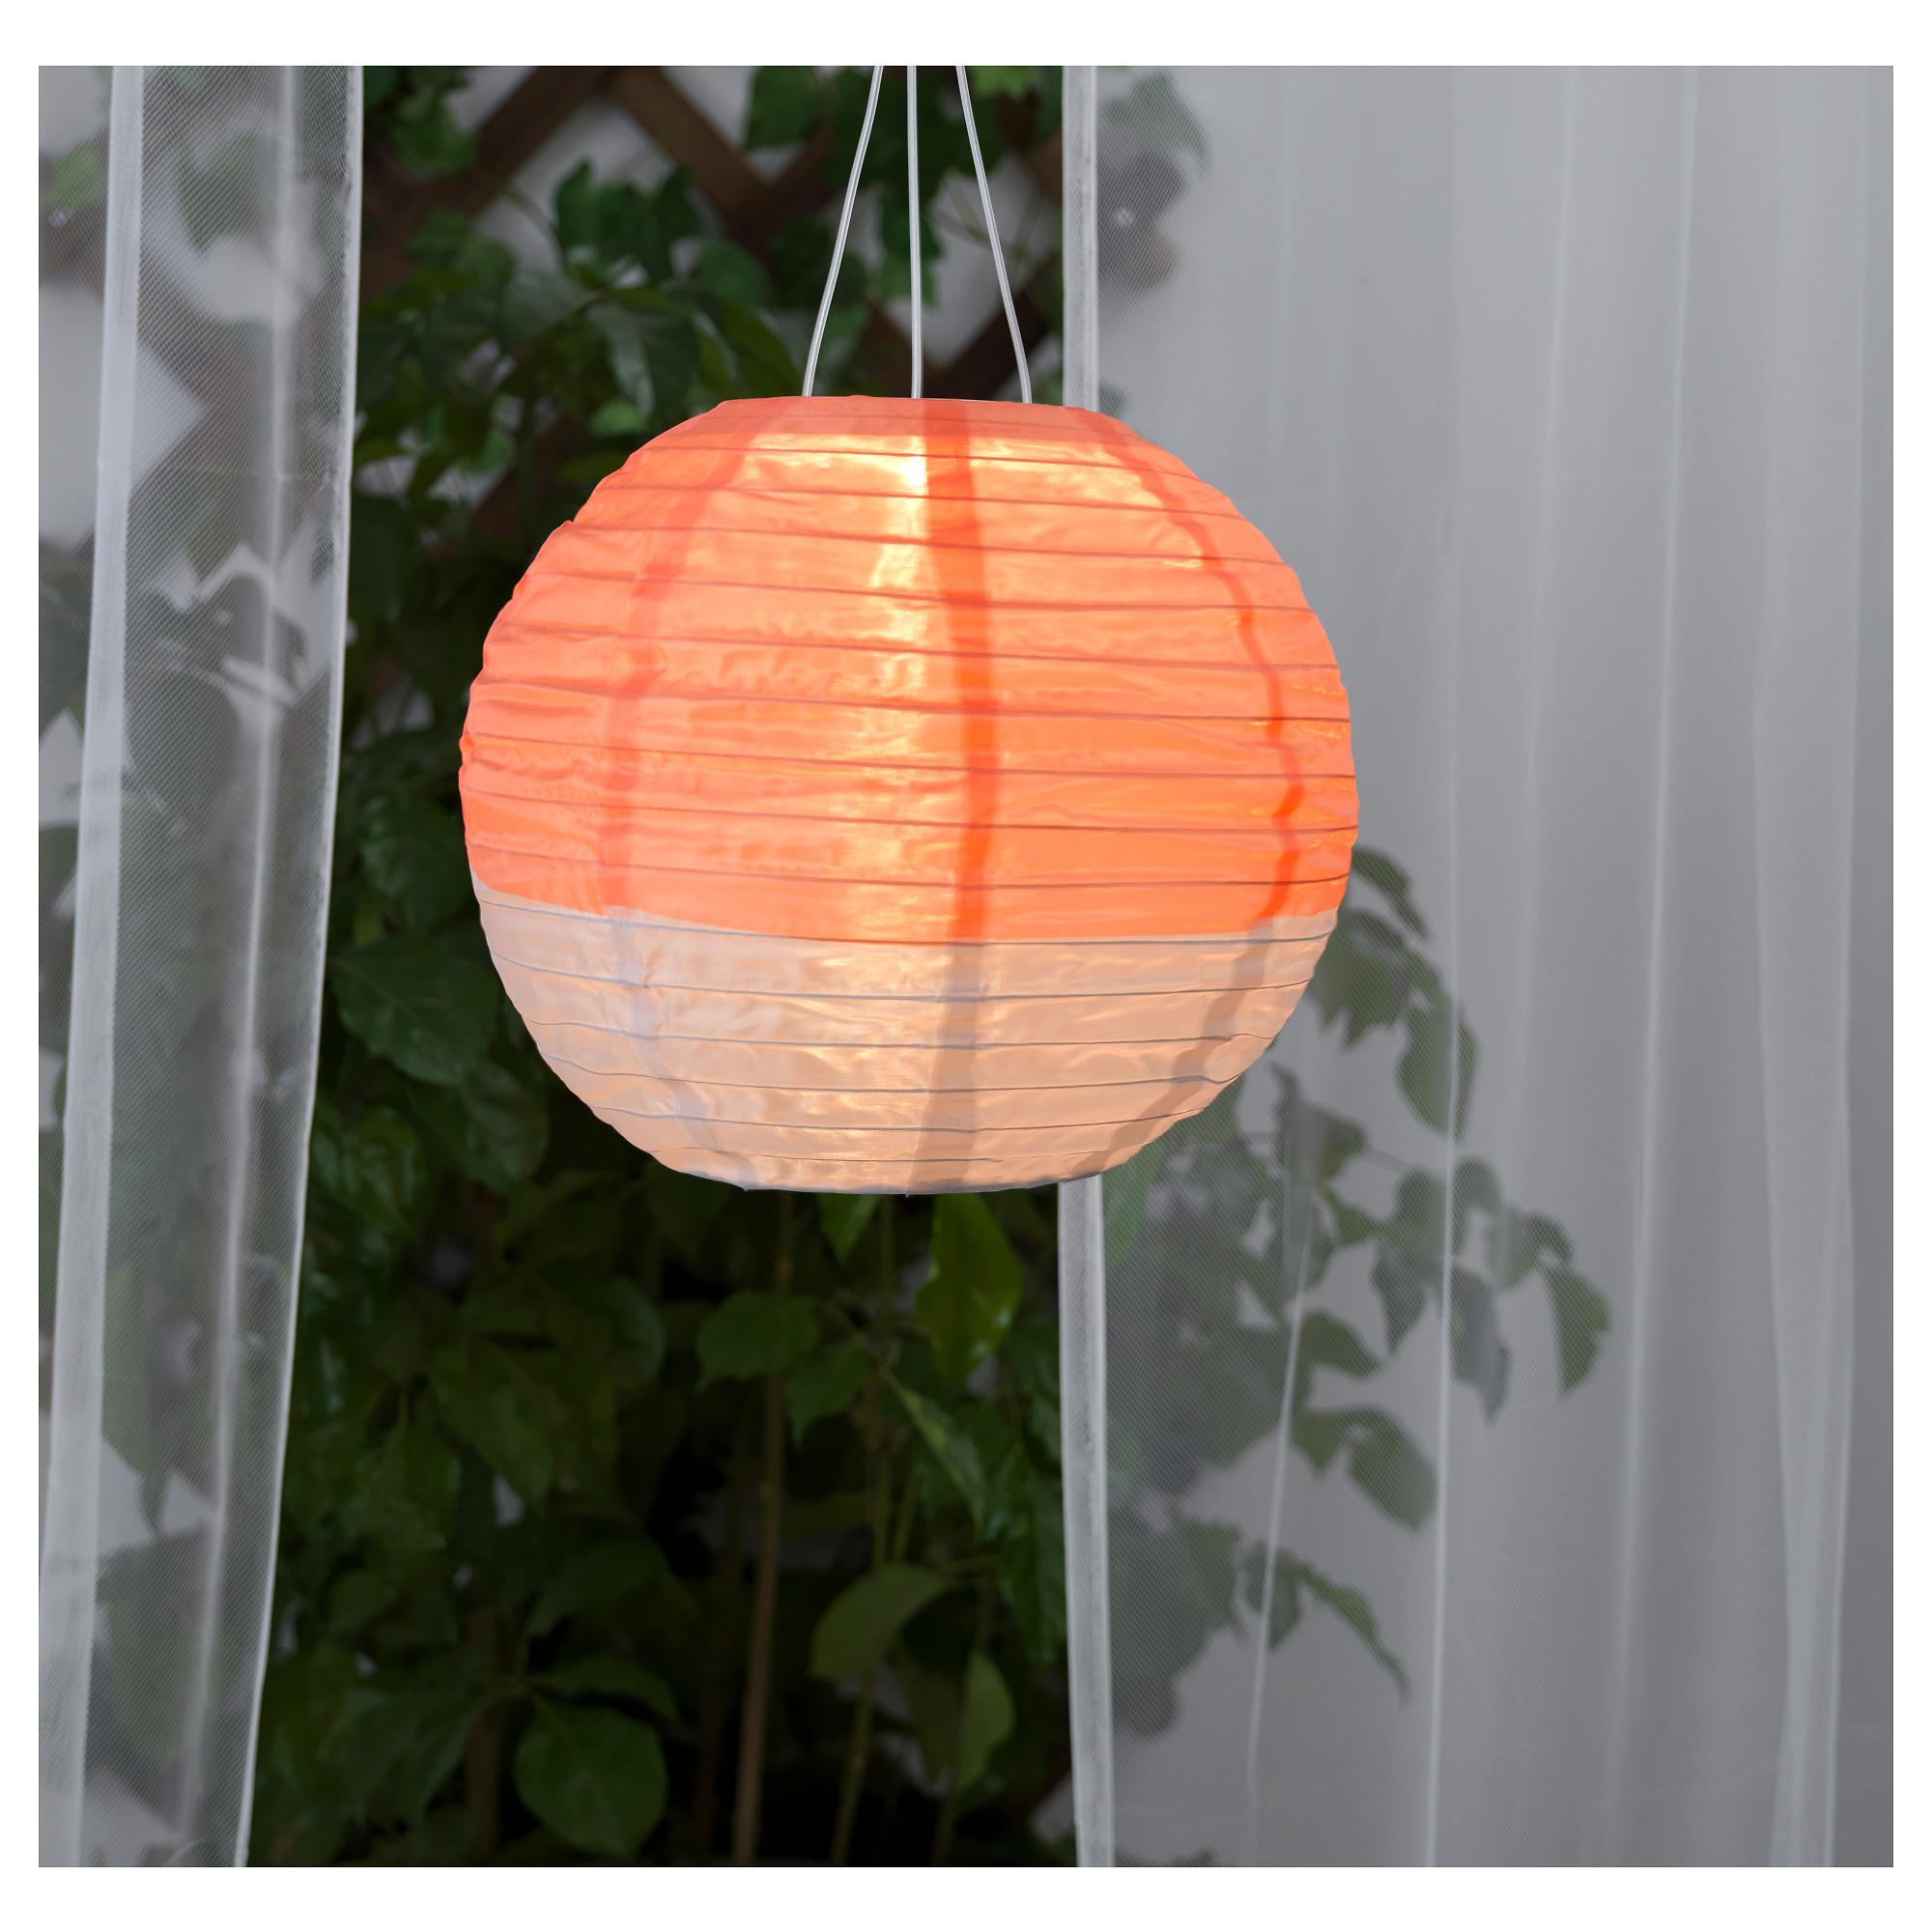 Подвесной светильник на солнечн батарея СОЛВИДЕН оранжевый артикуль № 503.830.44 в наличии. Онлайн сайт ИКЕА Минск. Быстрая доставка и монтаж.